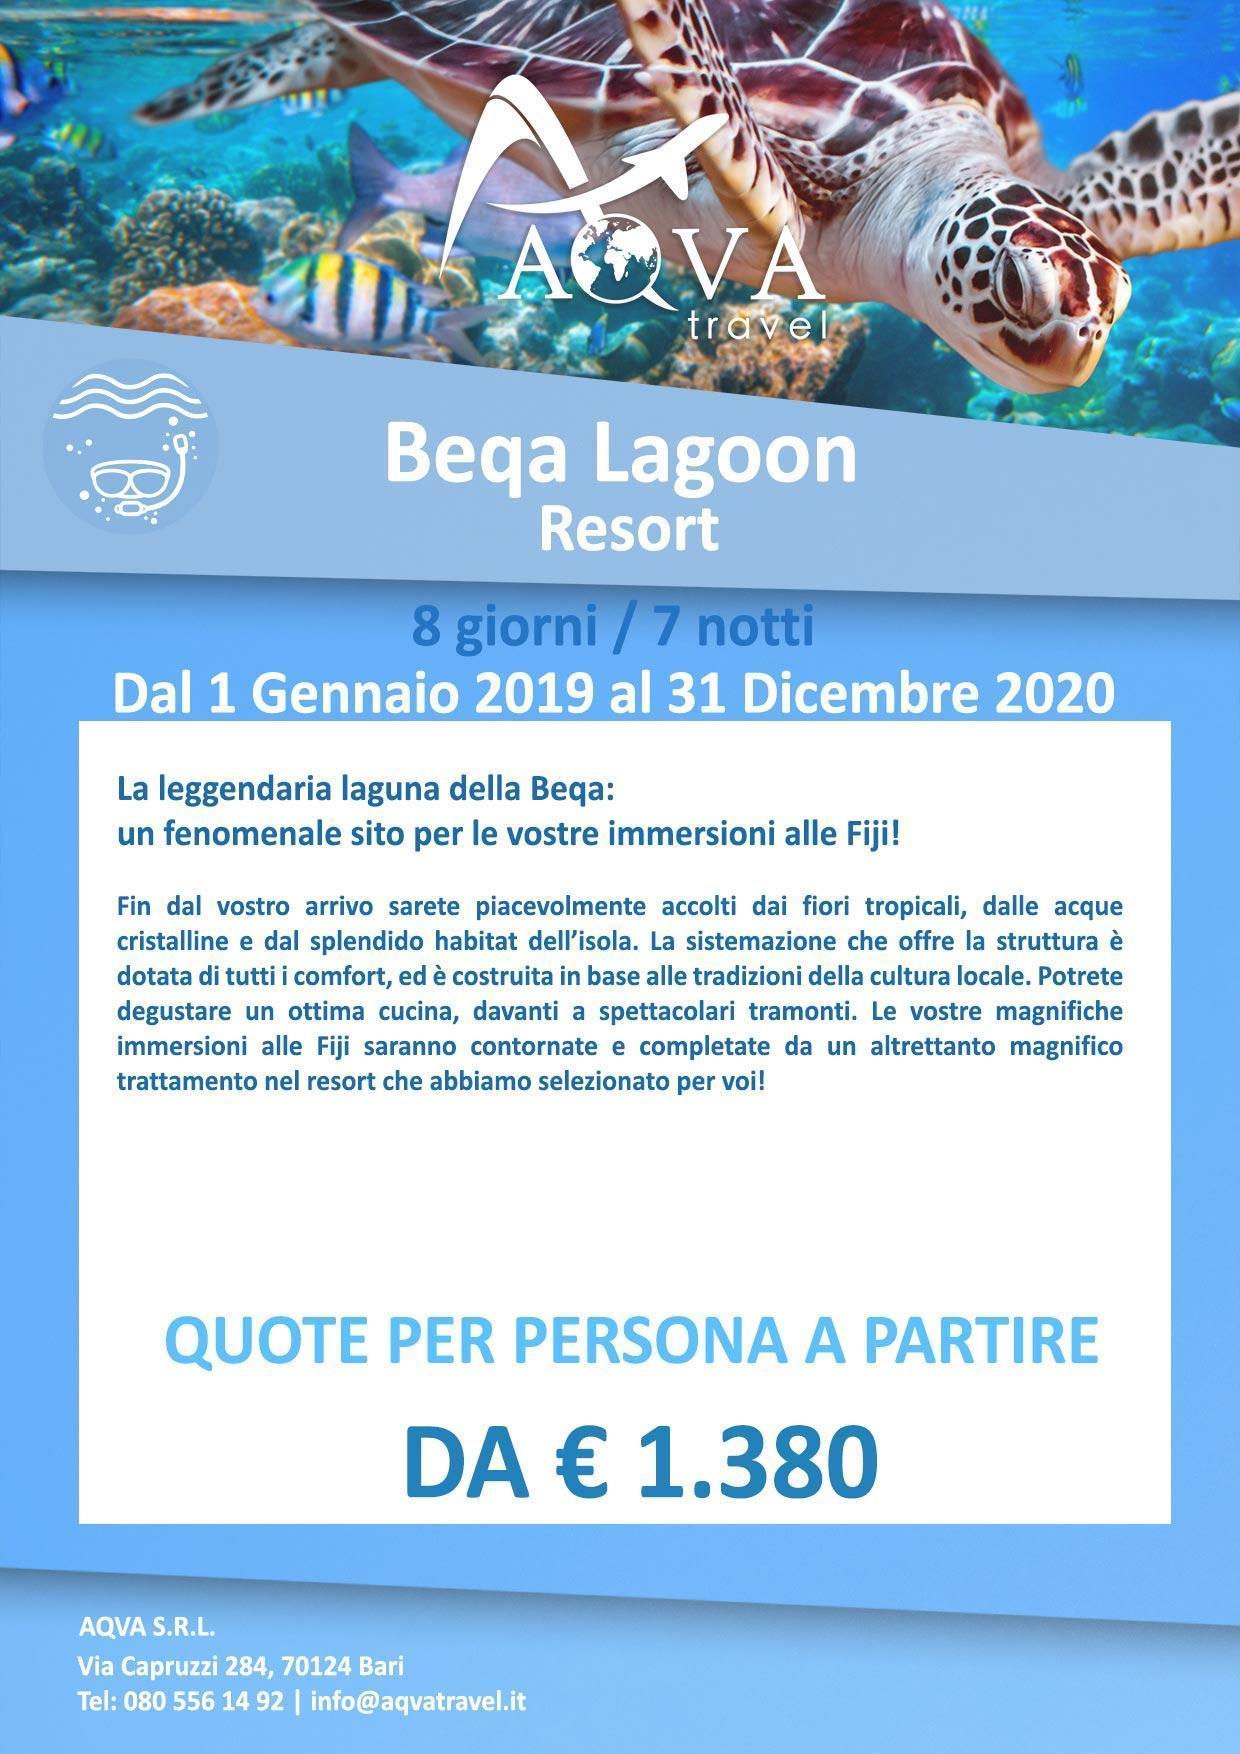 Subacquea-Beqa-Lagoon-Resort-8-giorni-7-notti-subacquea-offerte-agenzia-di-viaggi-Bari-AQVATRAVEL-it